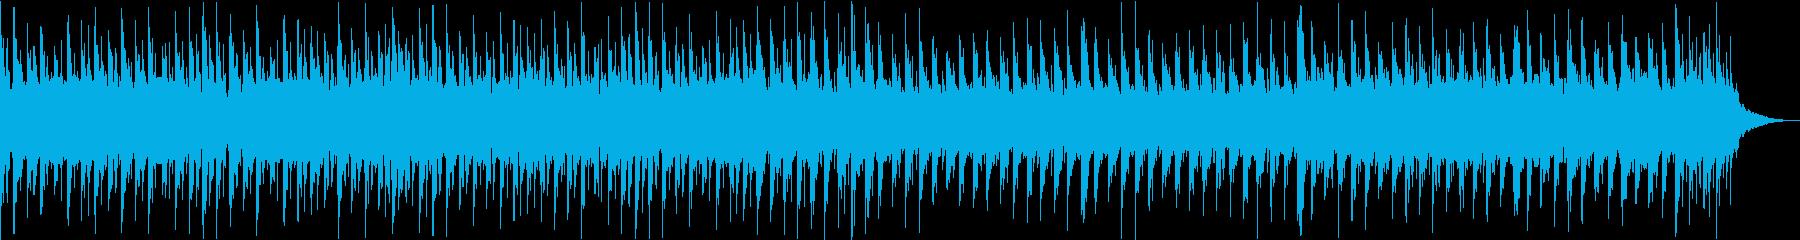 和風の三味線エレクトロの再生済みの波形